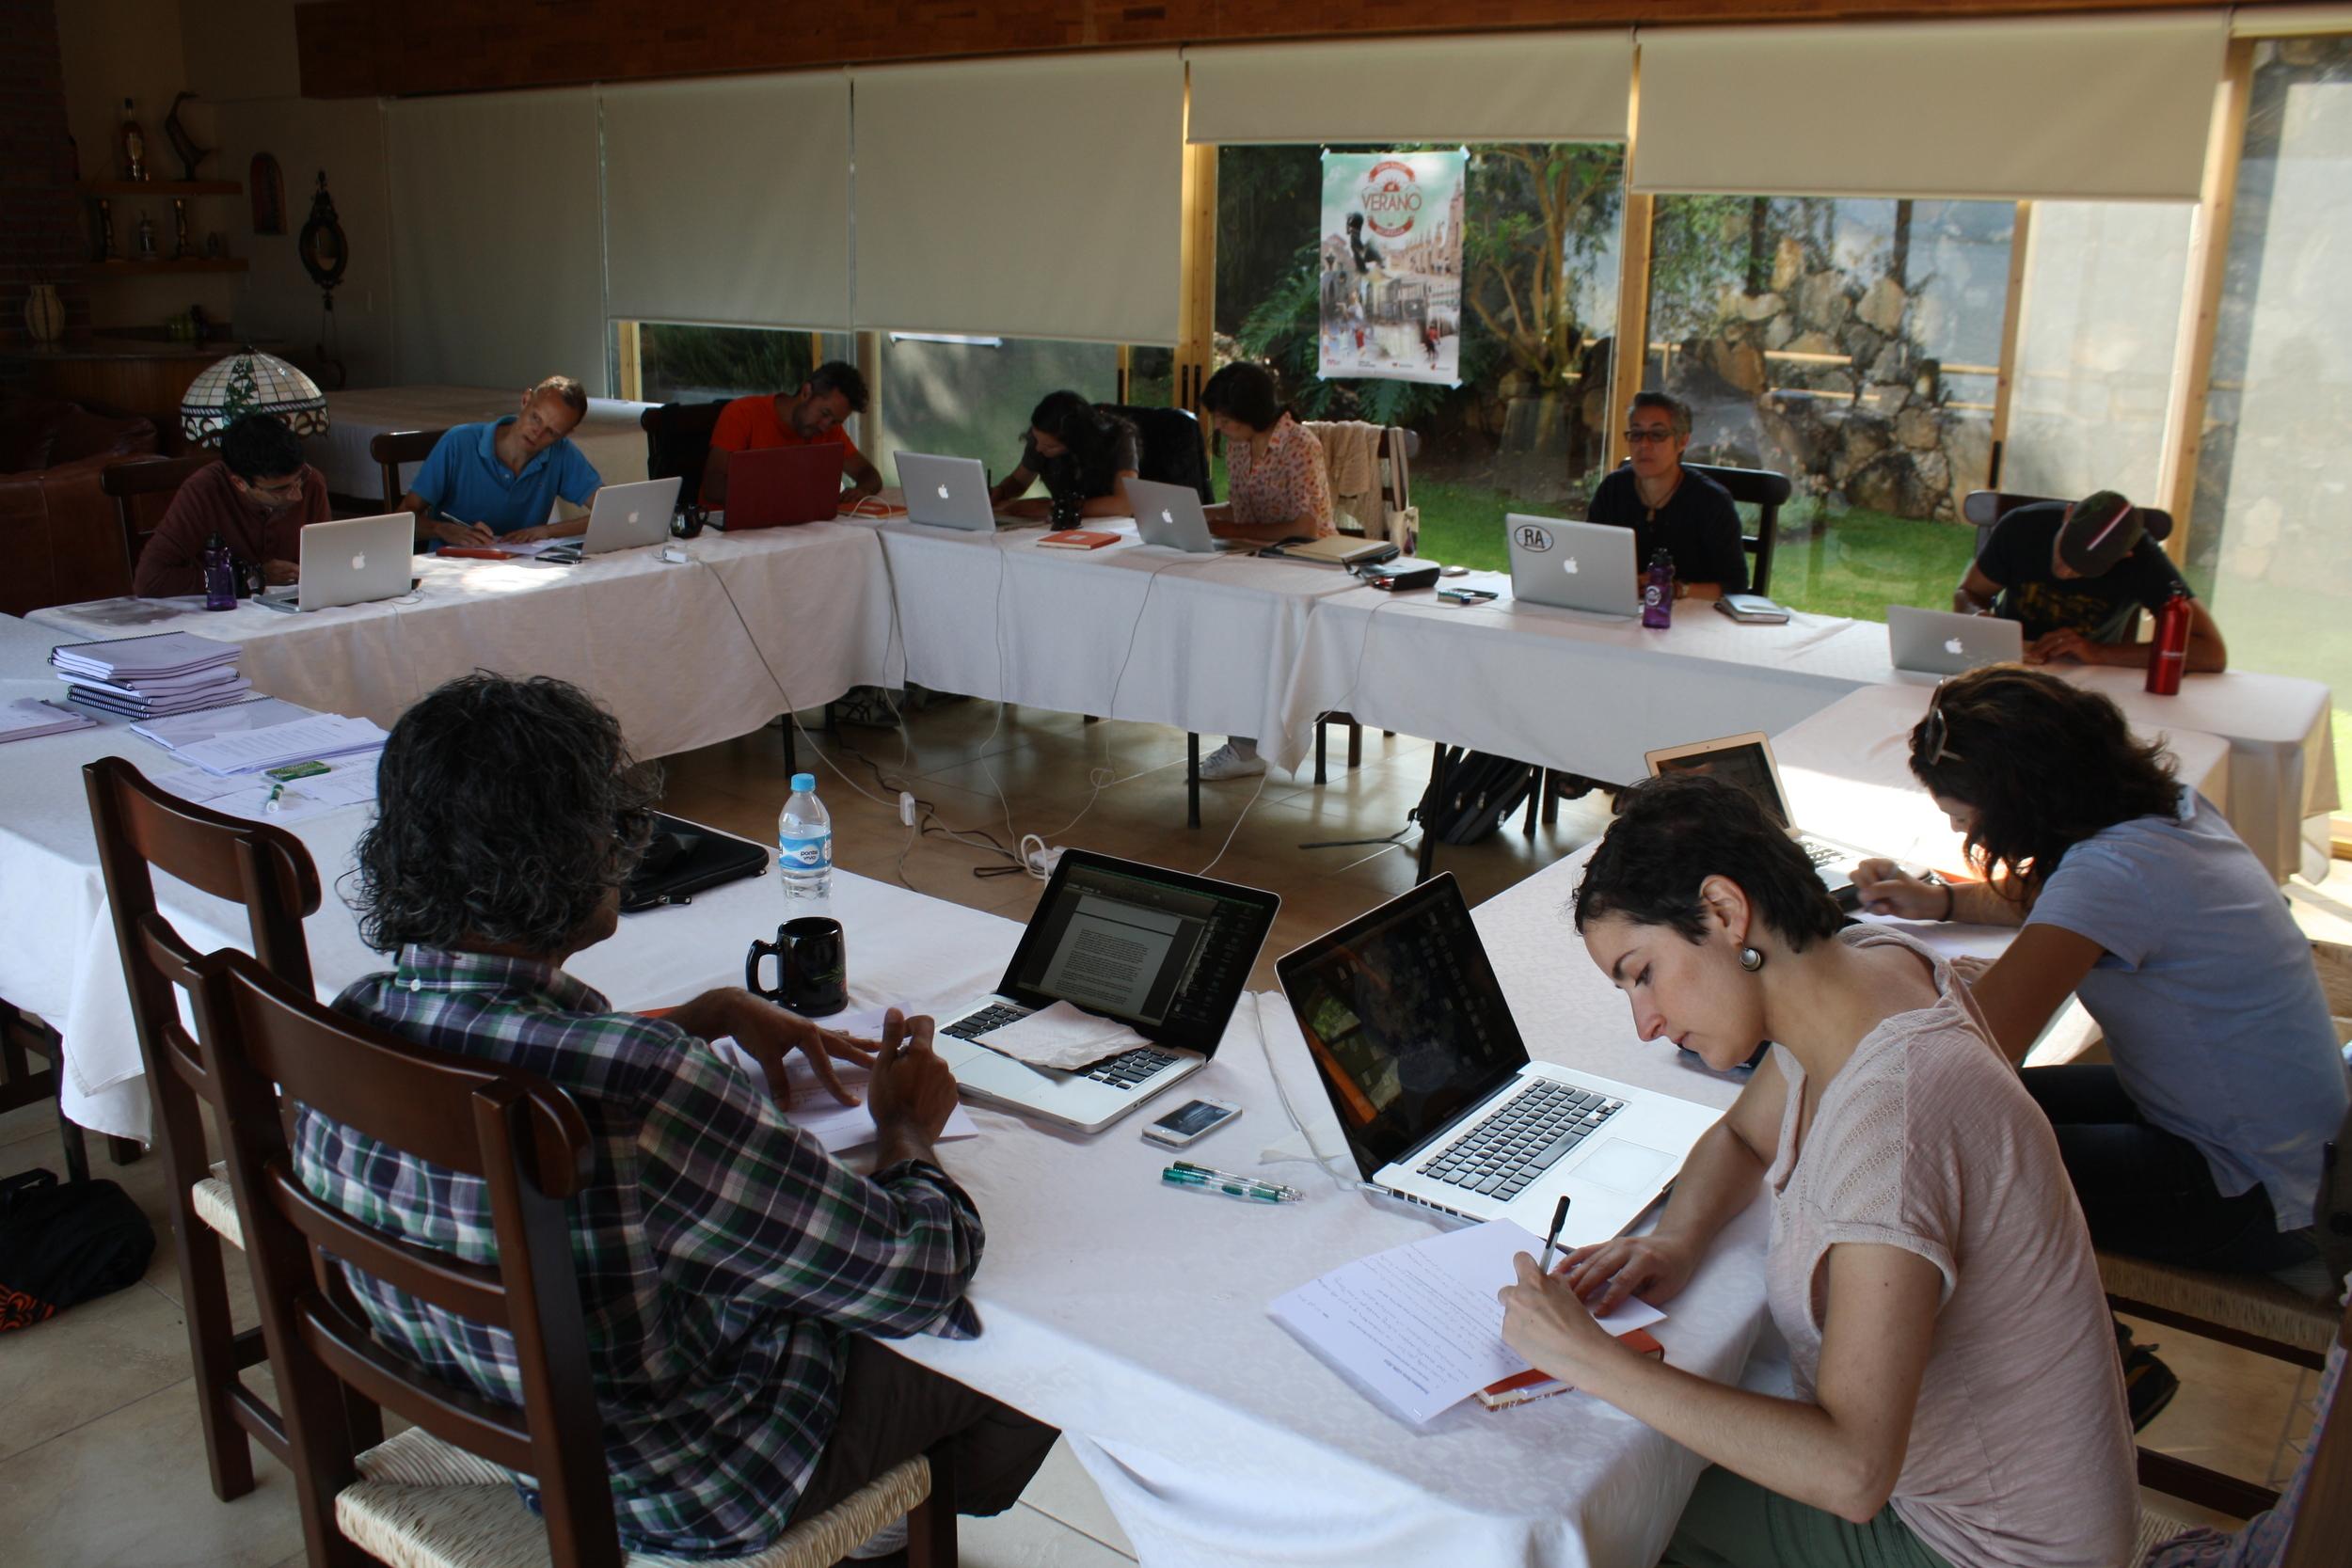 Cine Qua Non Lab Fellows at work in Morelia, México.